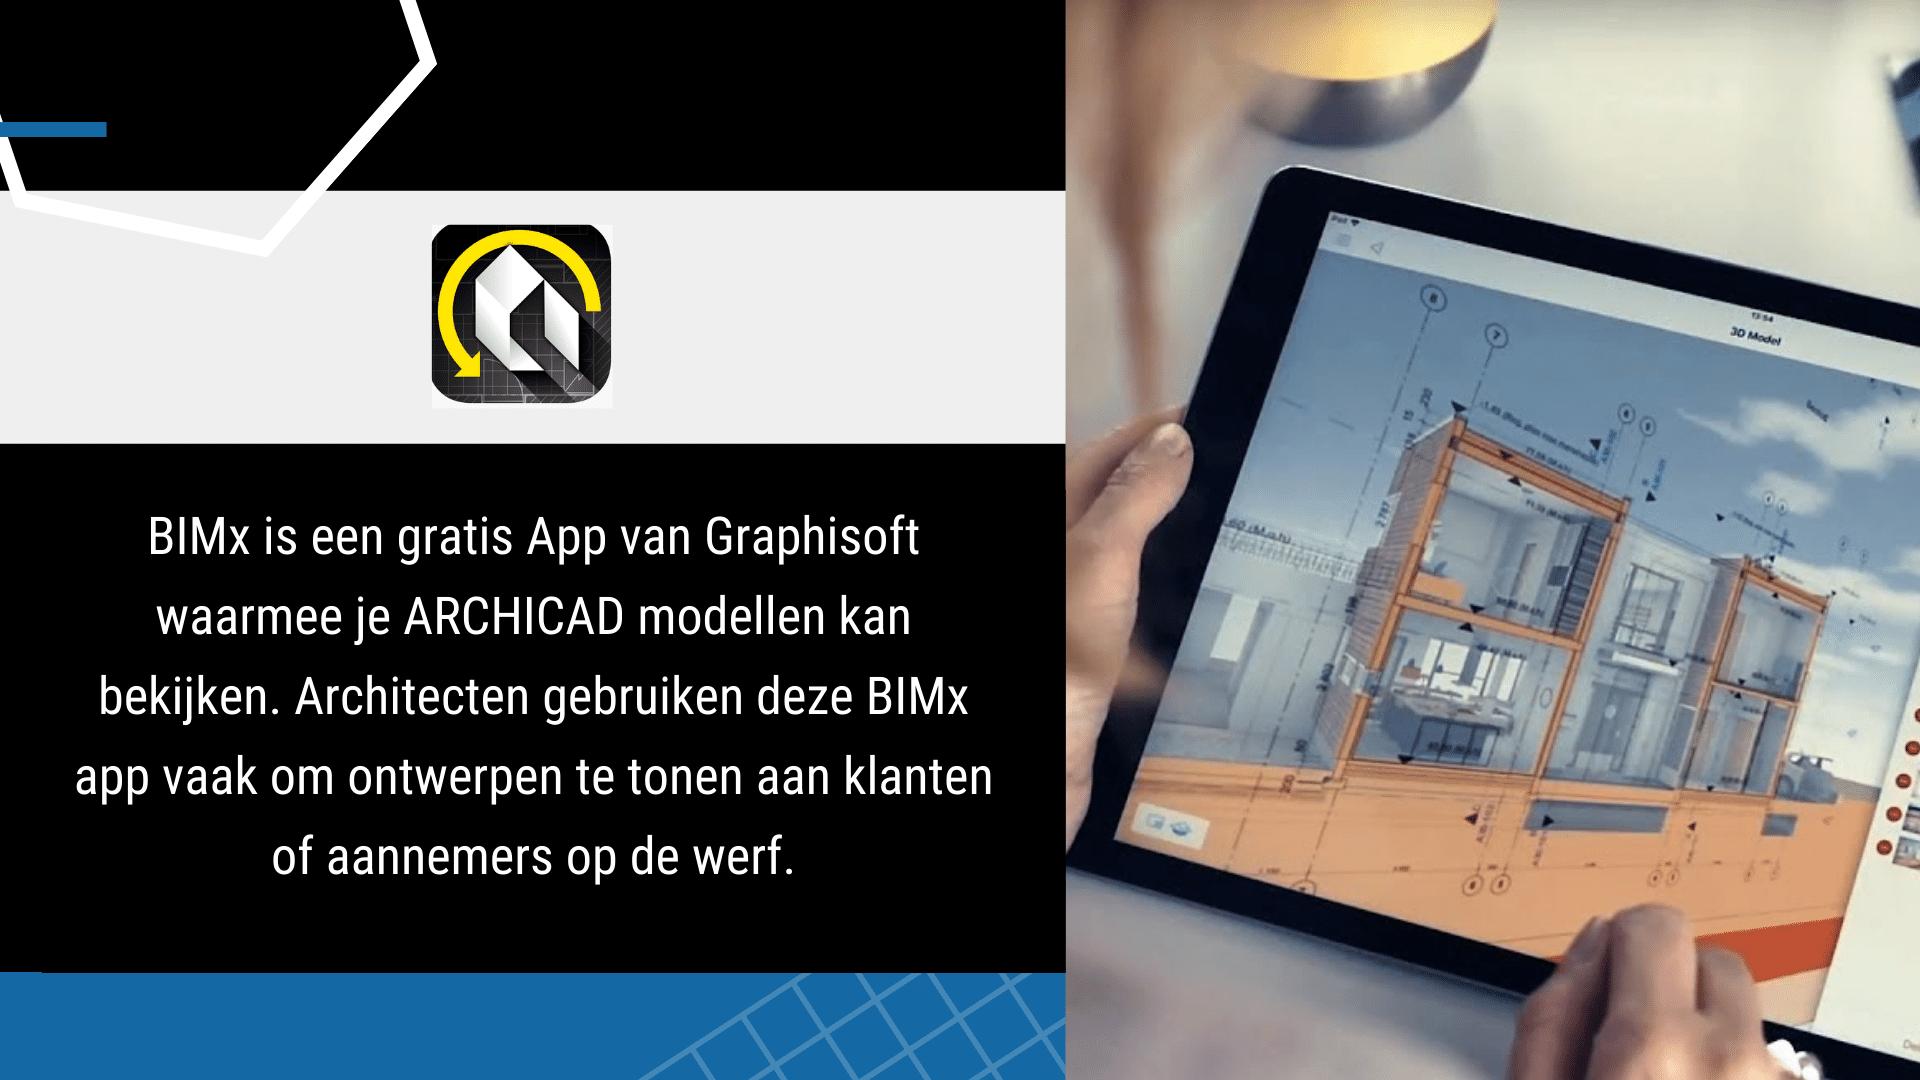 17 Eenvoudige Gratis Apps voor de Bouw - BimX | ArchiSnapper